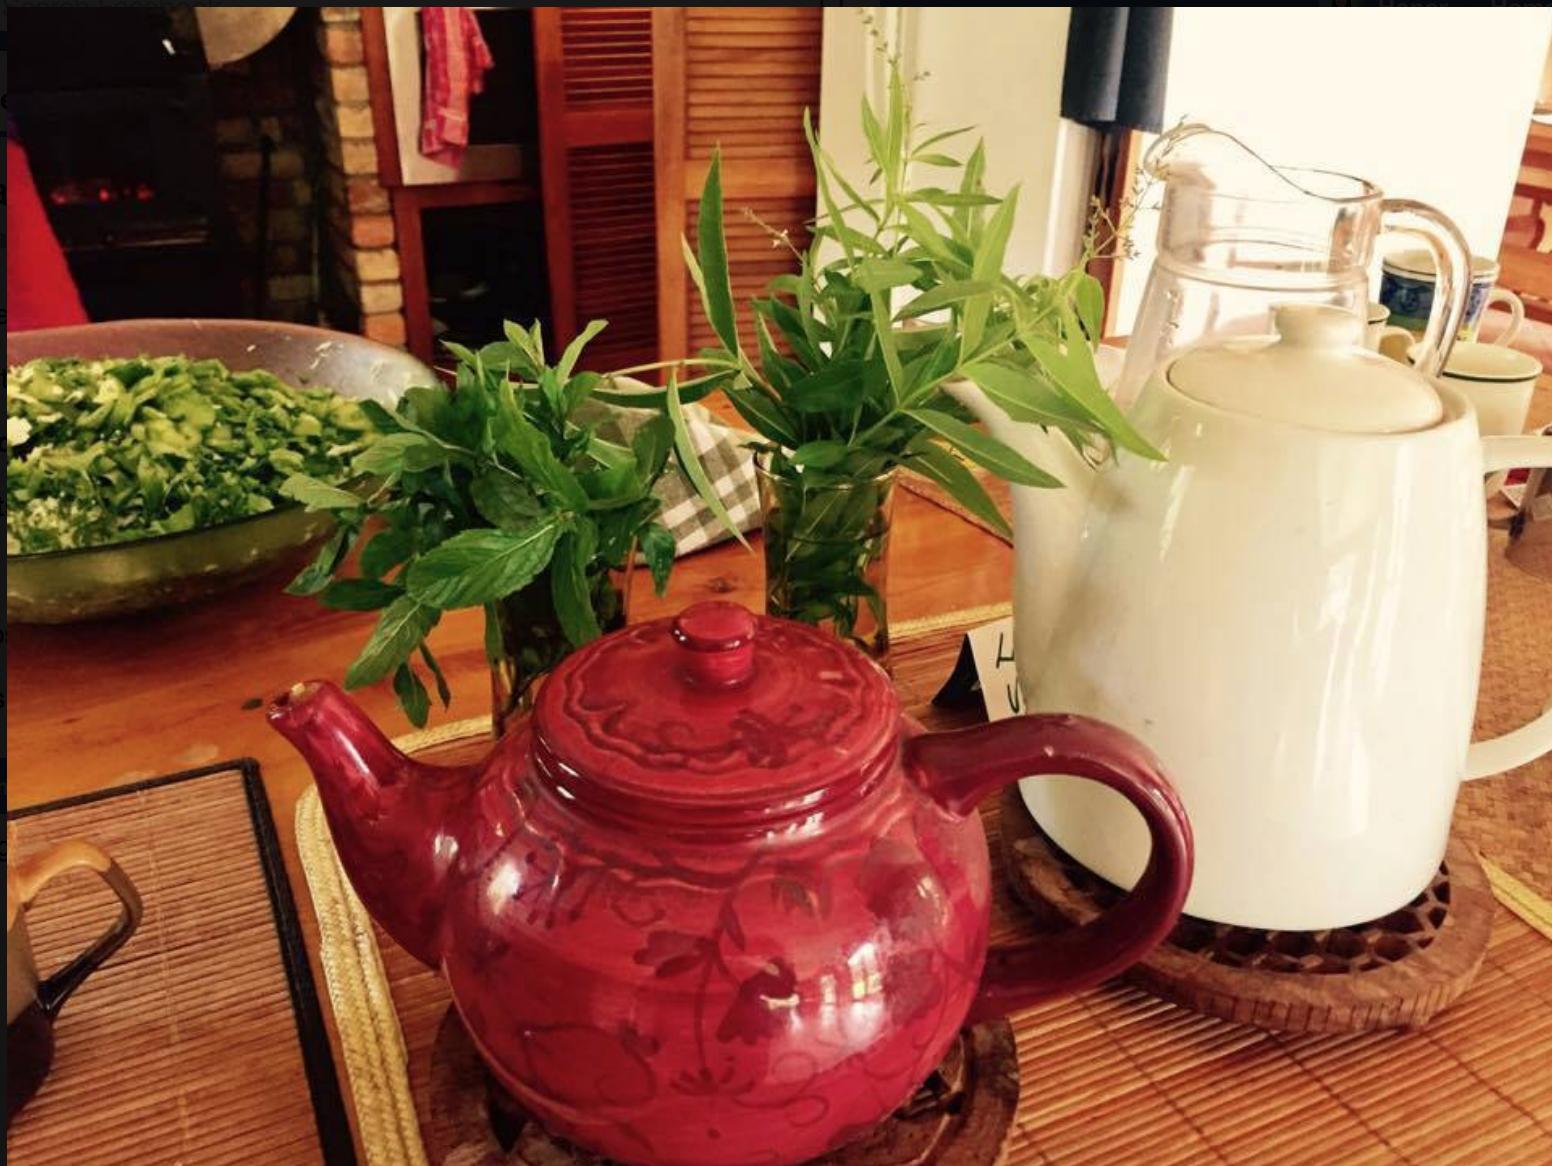 Organic freshly picked herbal teas